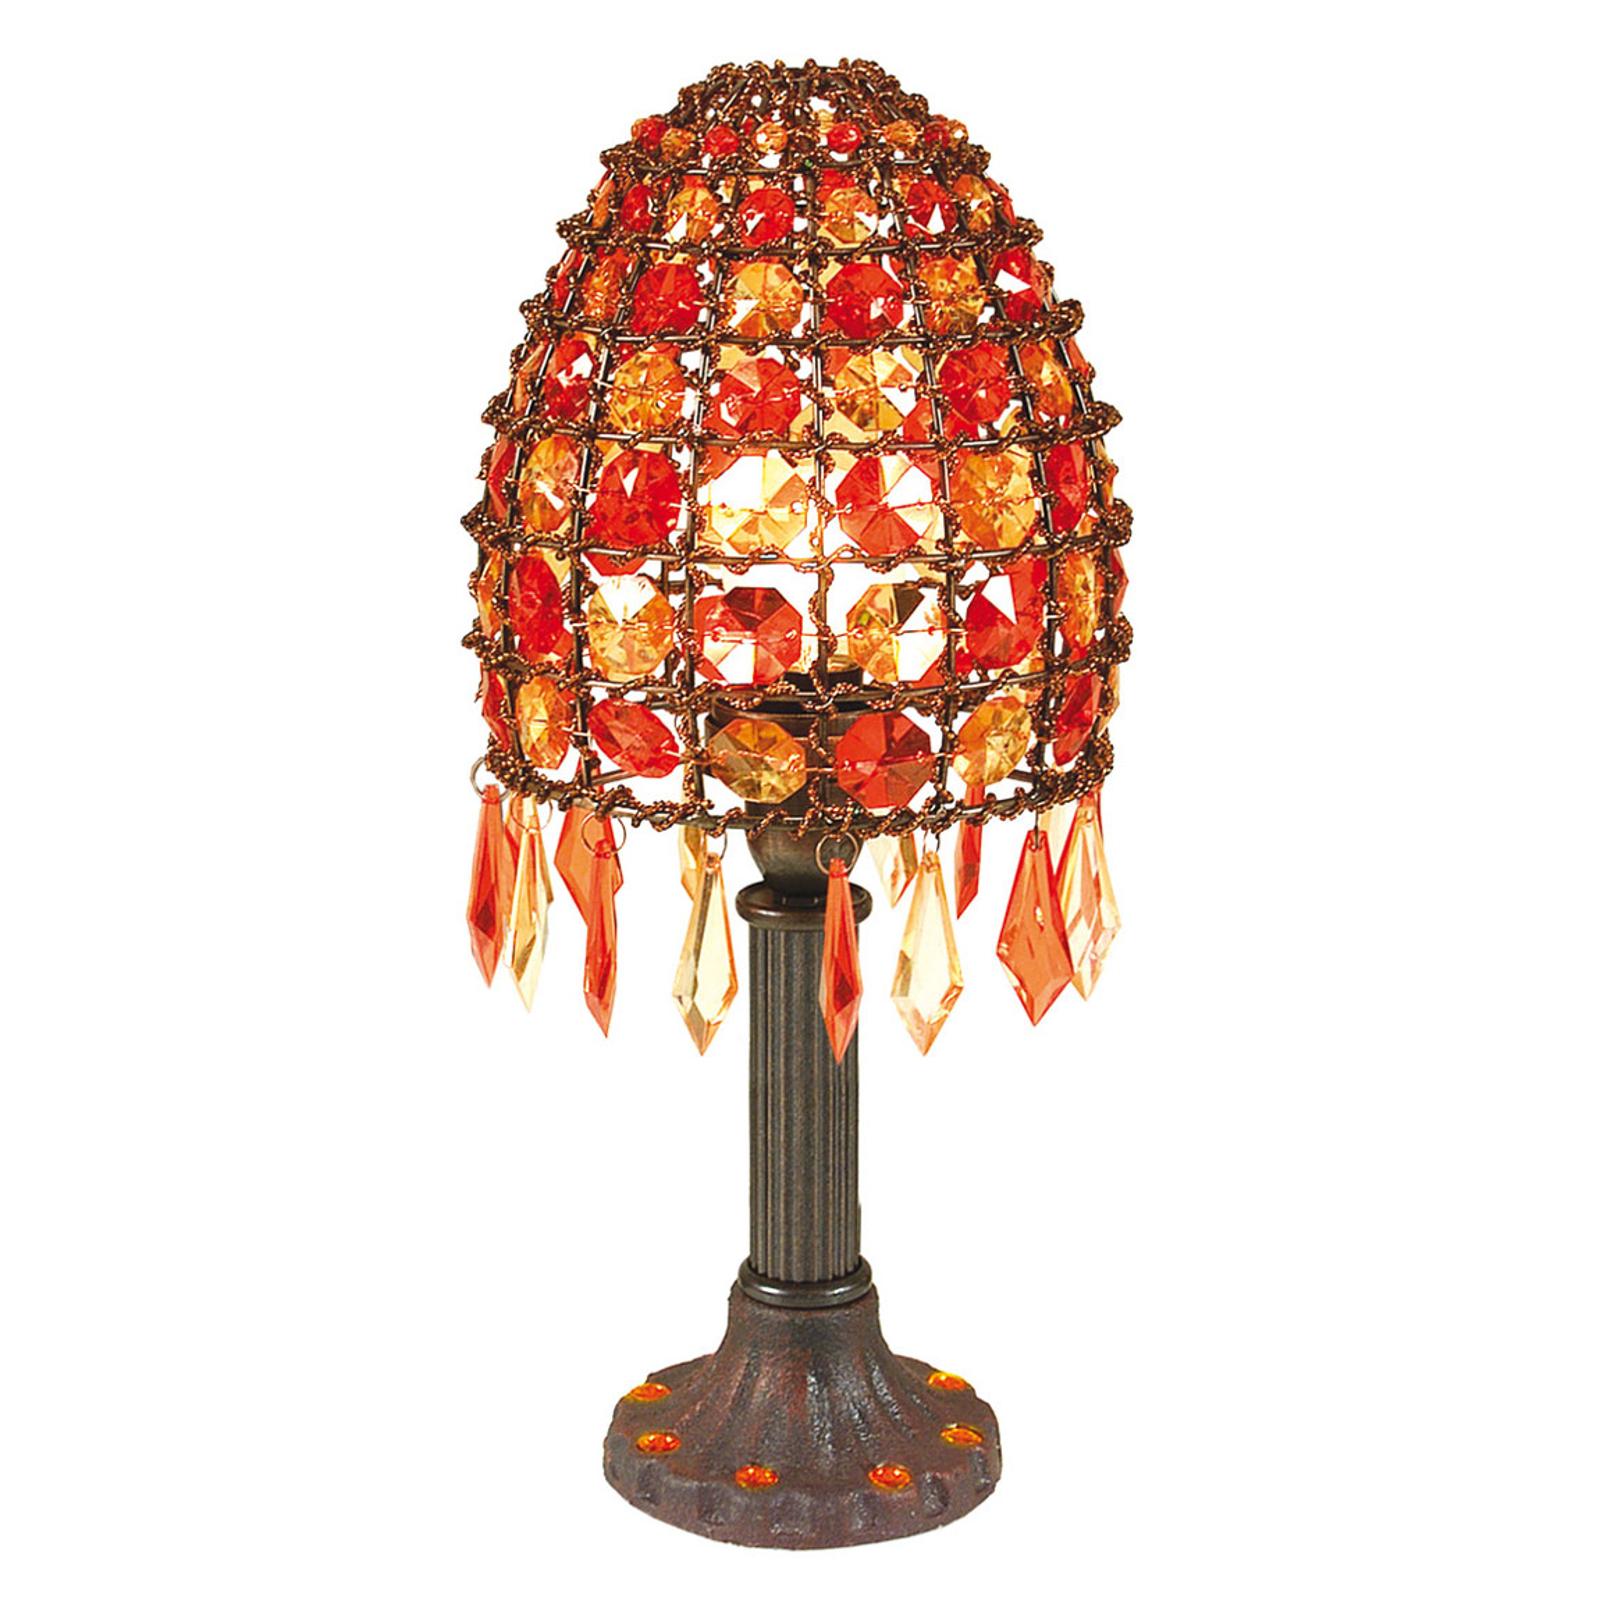 Bordslampa Bella med pärlor höjd 35 cm